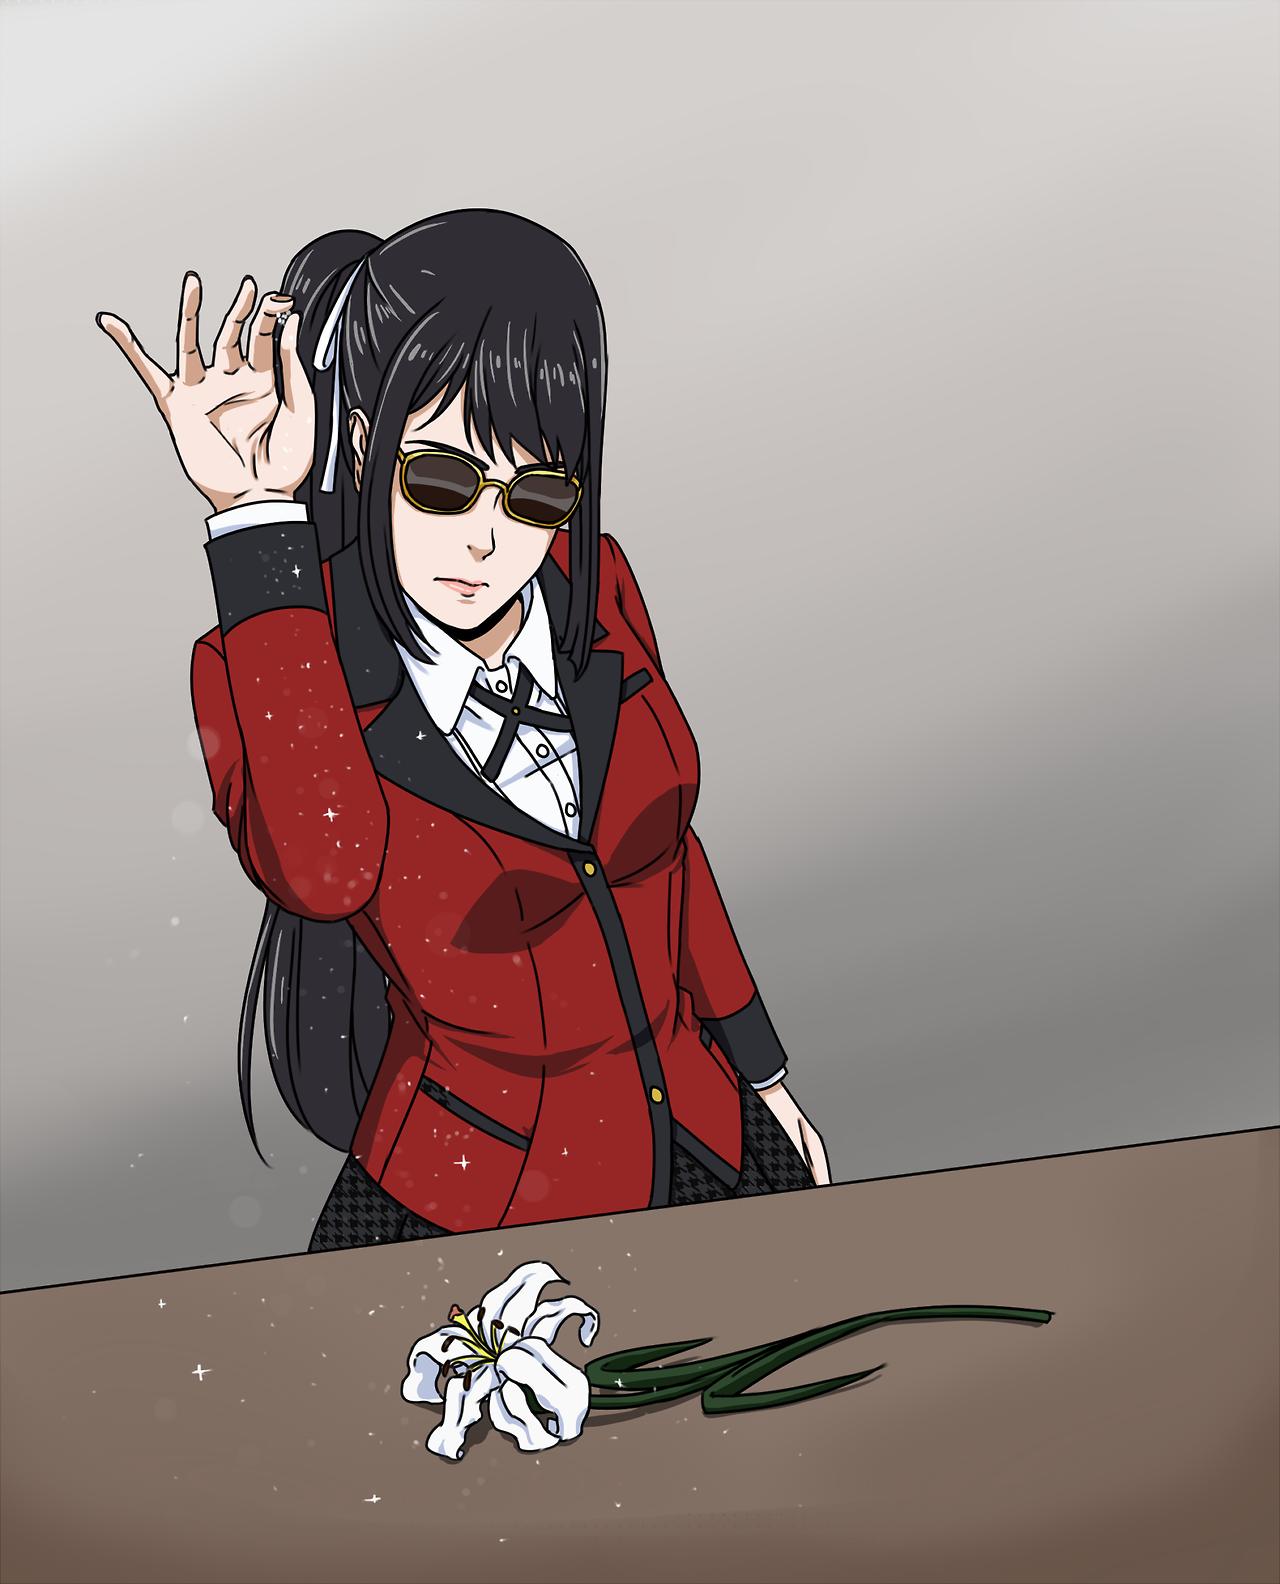 IM CRYING Kakegurui Kirasaya Kirari Momobami Sayaka Igarashi Gambling Girlfriendstumblr